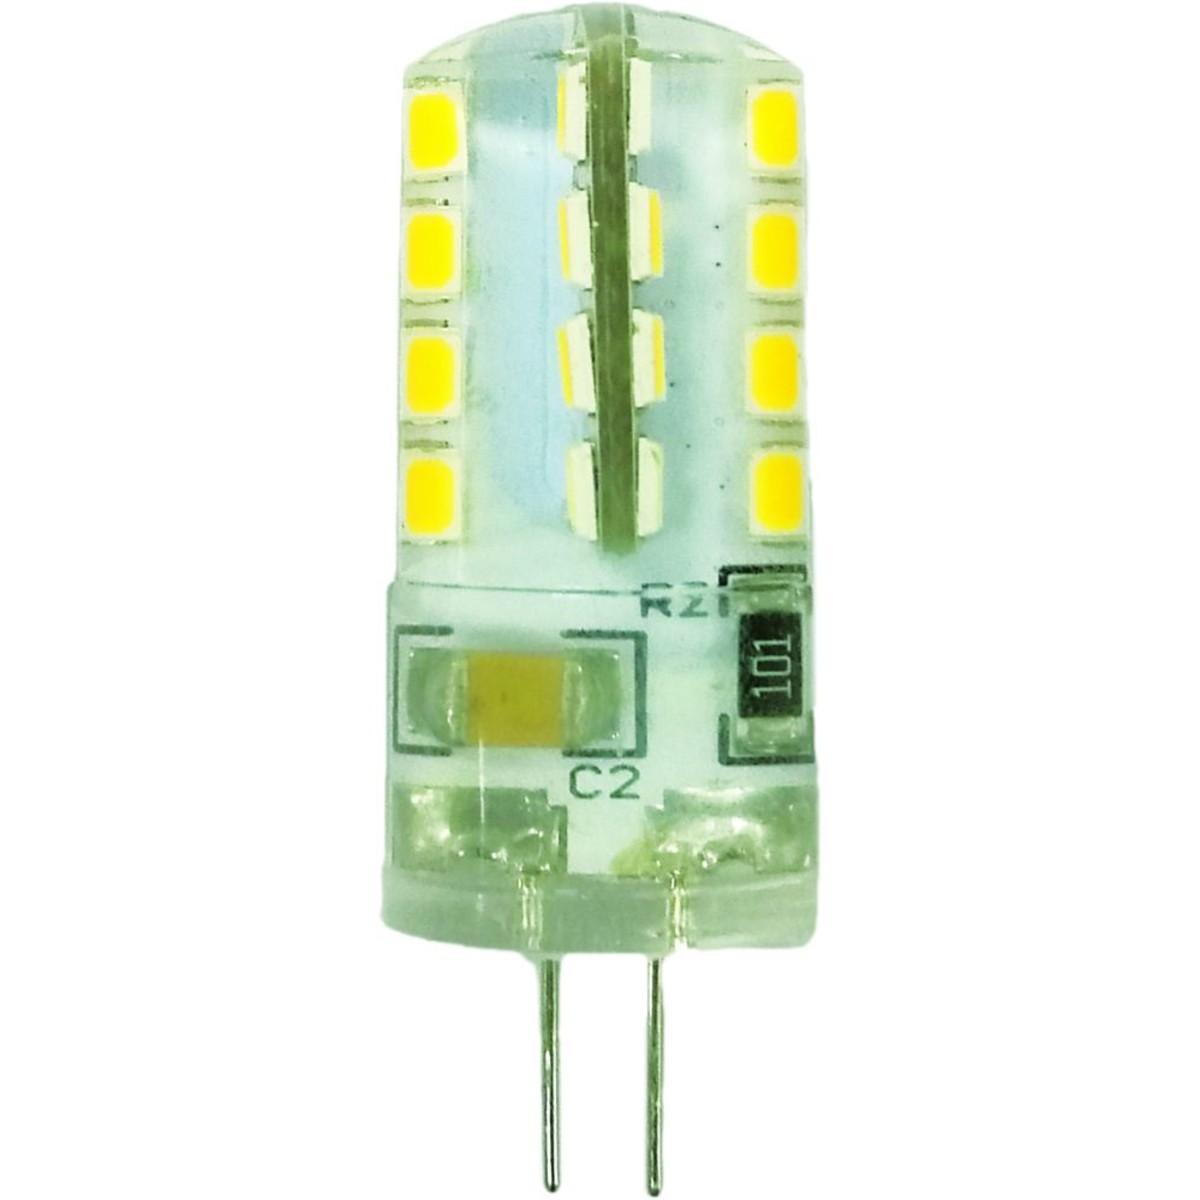 Лампа Ecola Light светодионая G4 3 Вт кукуруза 210 Лм нейтральный свет